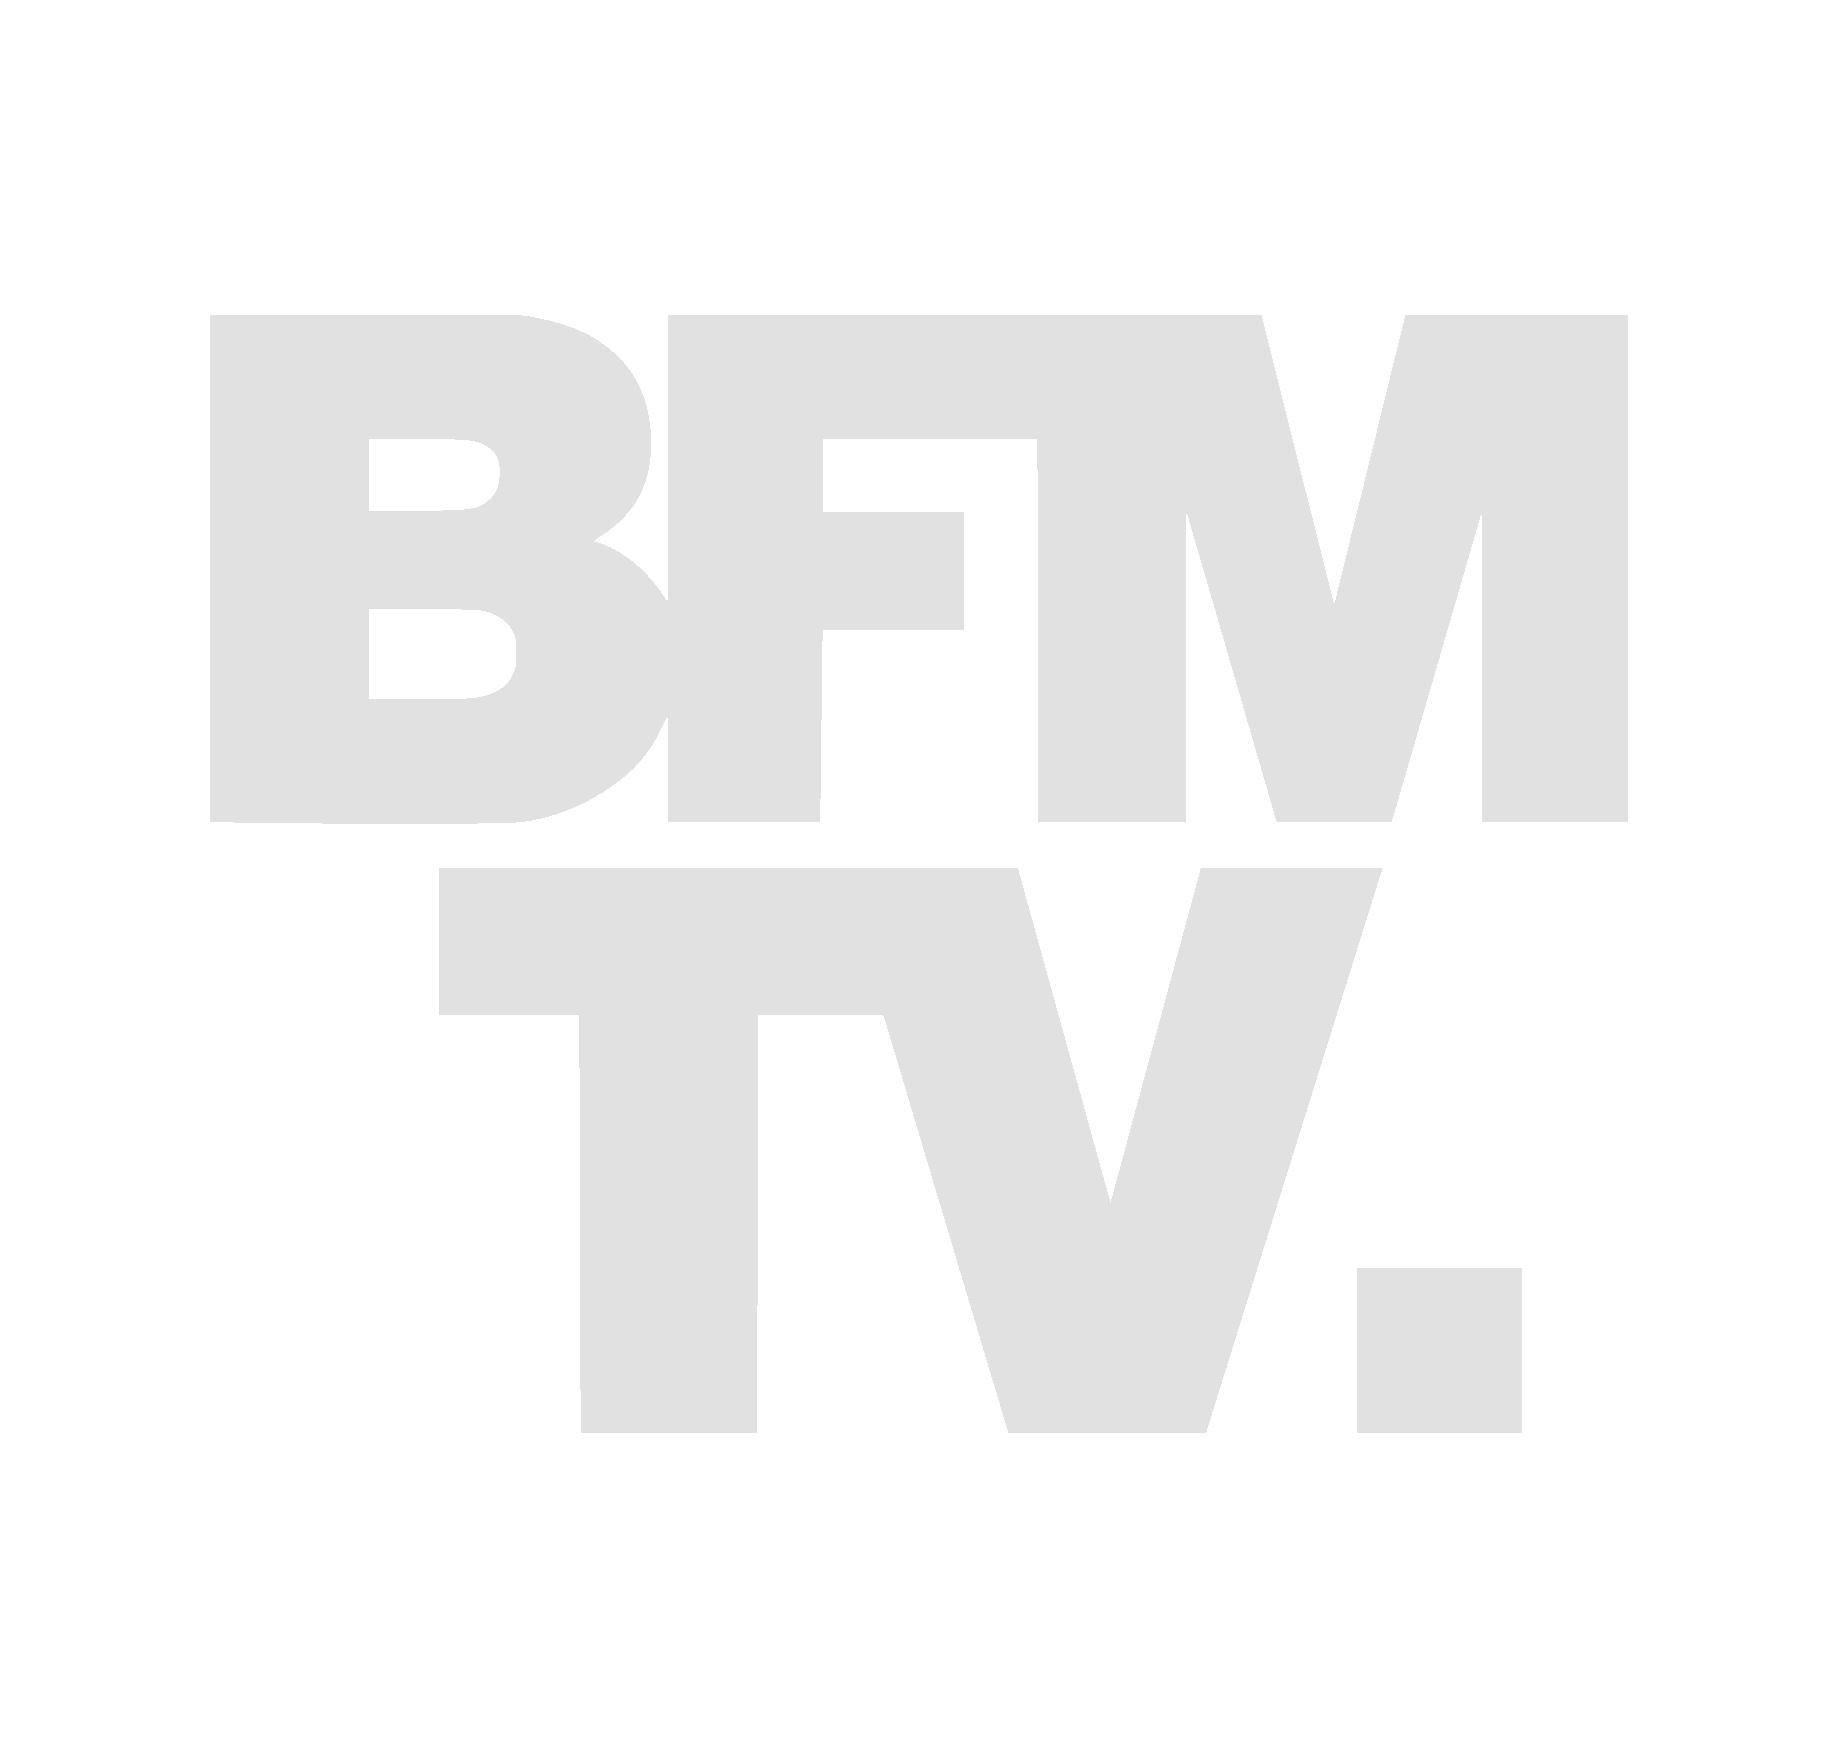 logo-bfmtv-blanc